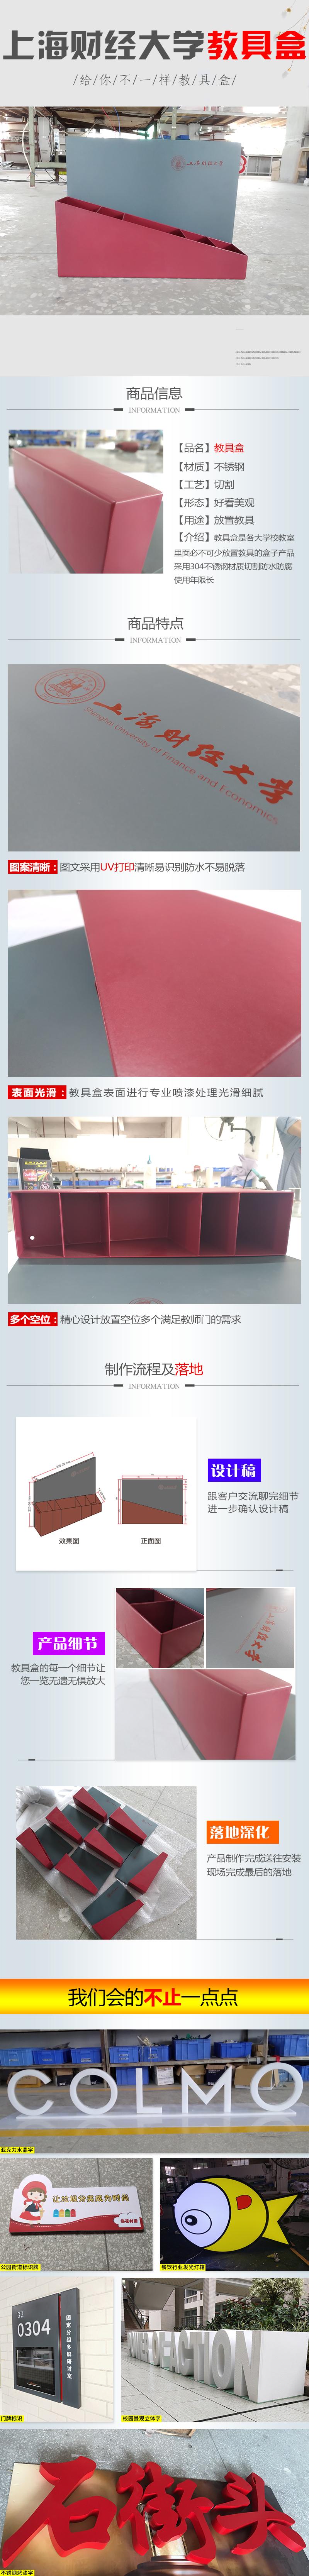 上海财经大学教具盒